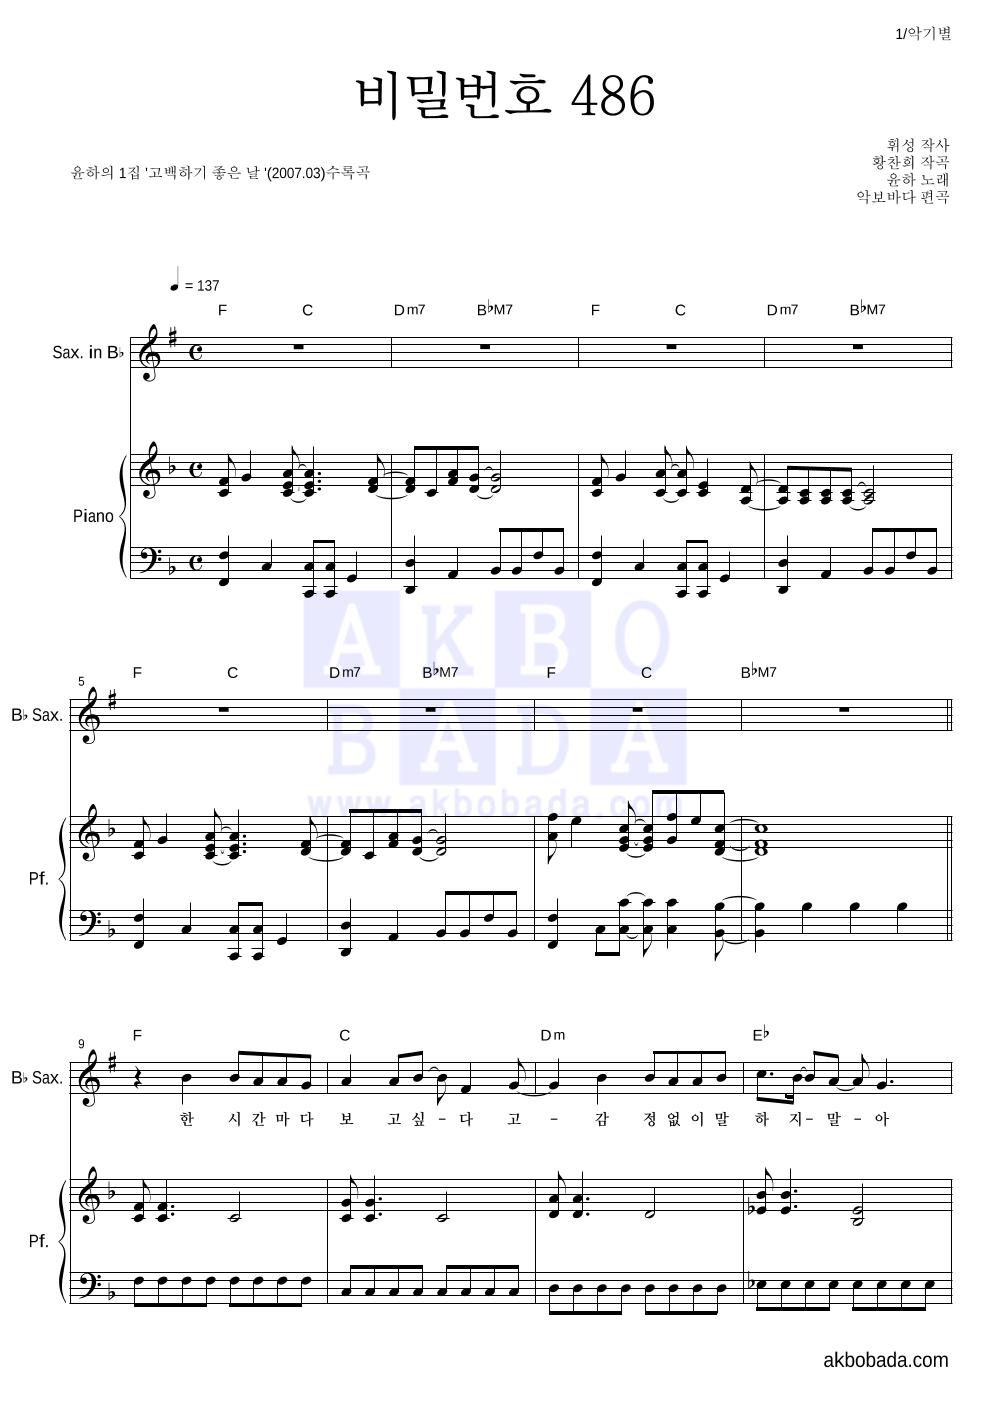 윤하 - 비밀번호 486 Bb색소폰&피아노 악보